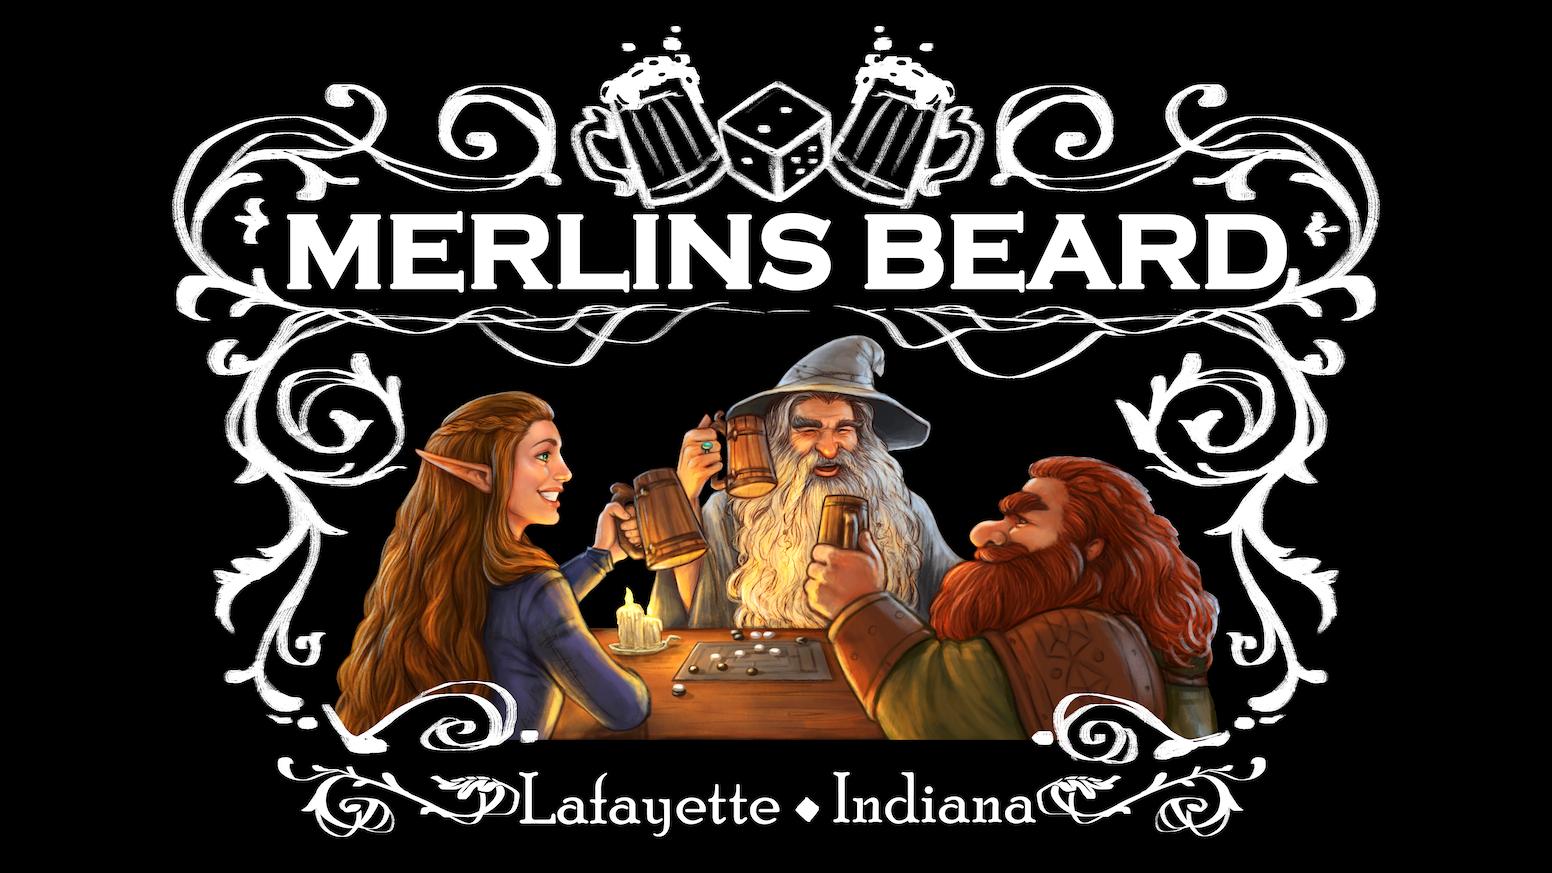 Merlin S Beard Board Game Pub By Merlin S Beard Llc Fully Funded Kickstarter